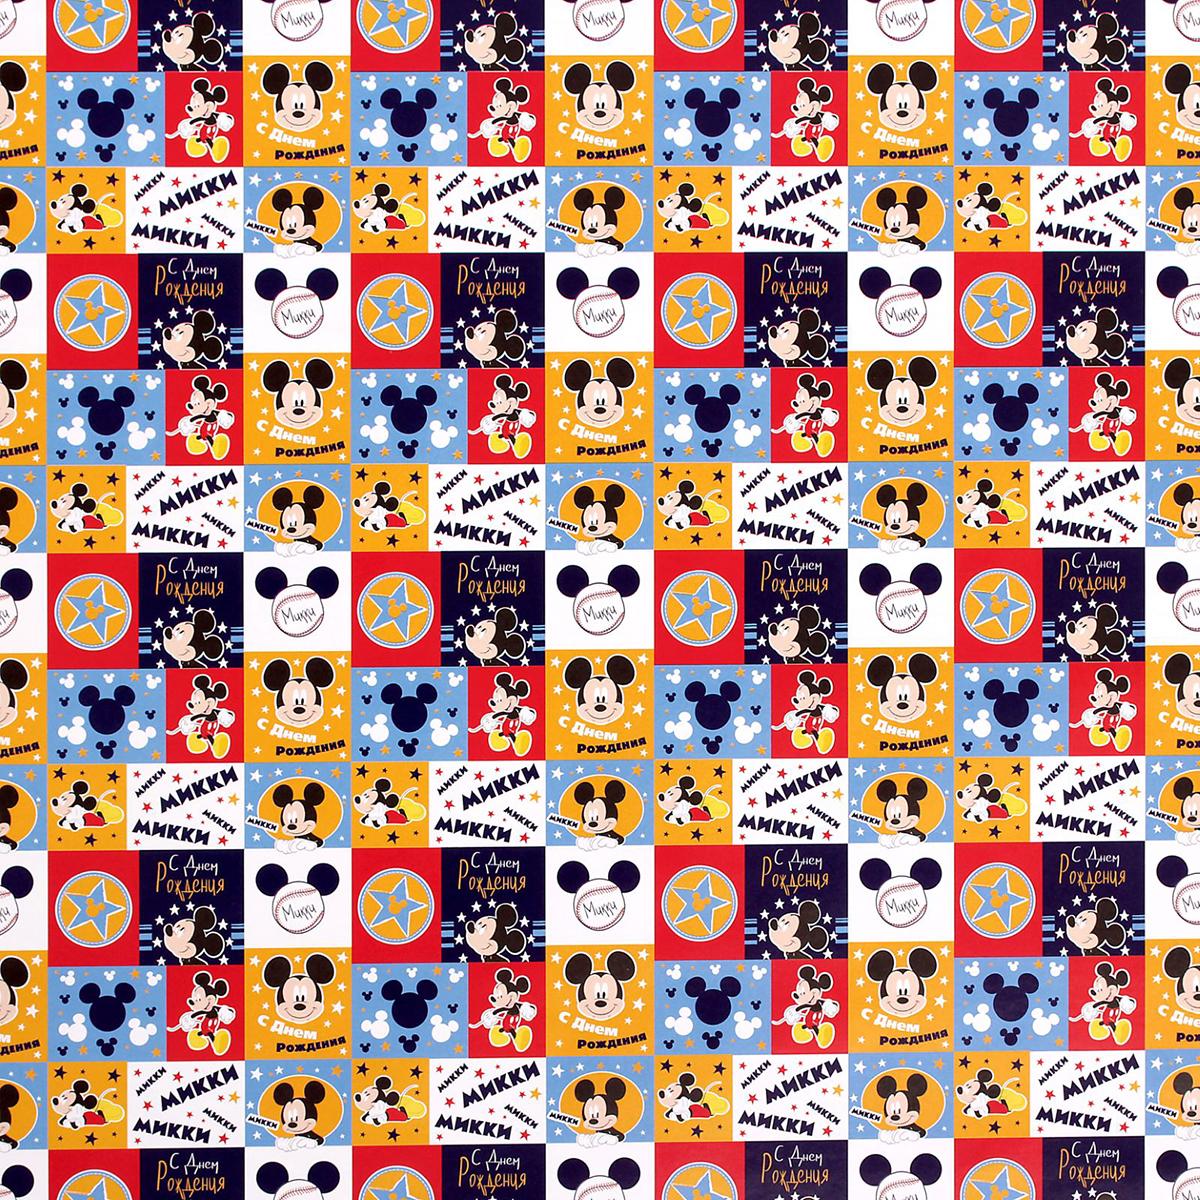 Бумага упаковочная Disney С Днем Рождения. Микки Маус, глянцевая, 50 х 70 см2391087Удивительный мир Disney теперь совсем близко! Любимые герои и сюжеты в эксклюзивном дизайне нашей собственной разработки превращают любое изделие в современное произведение искусства с голливудским характером. Подарочная глянцевая бумага отличается высоким качеством печати и плотностью материала, что делает её удобной в вопросе оформления подарков. Такая упаковка всегда будет актуальна, ведь мультфильмы Disney, как вино, с годами становятся только лучше.